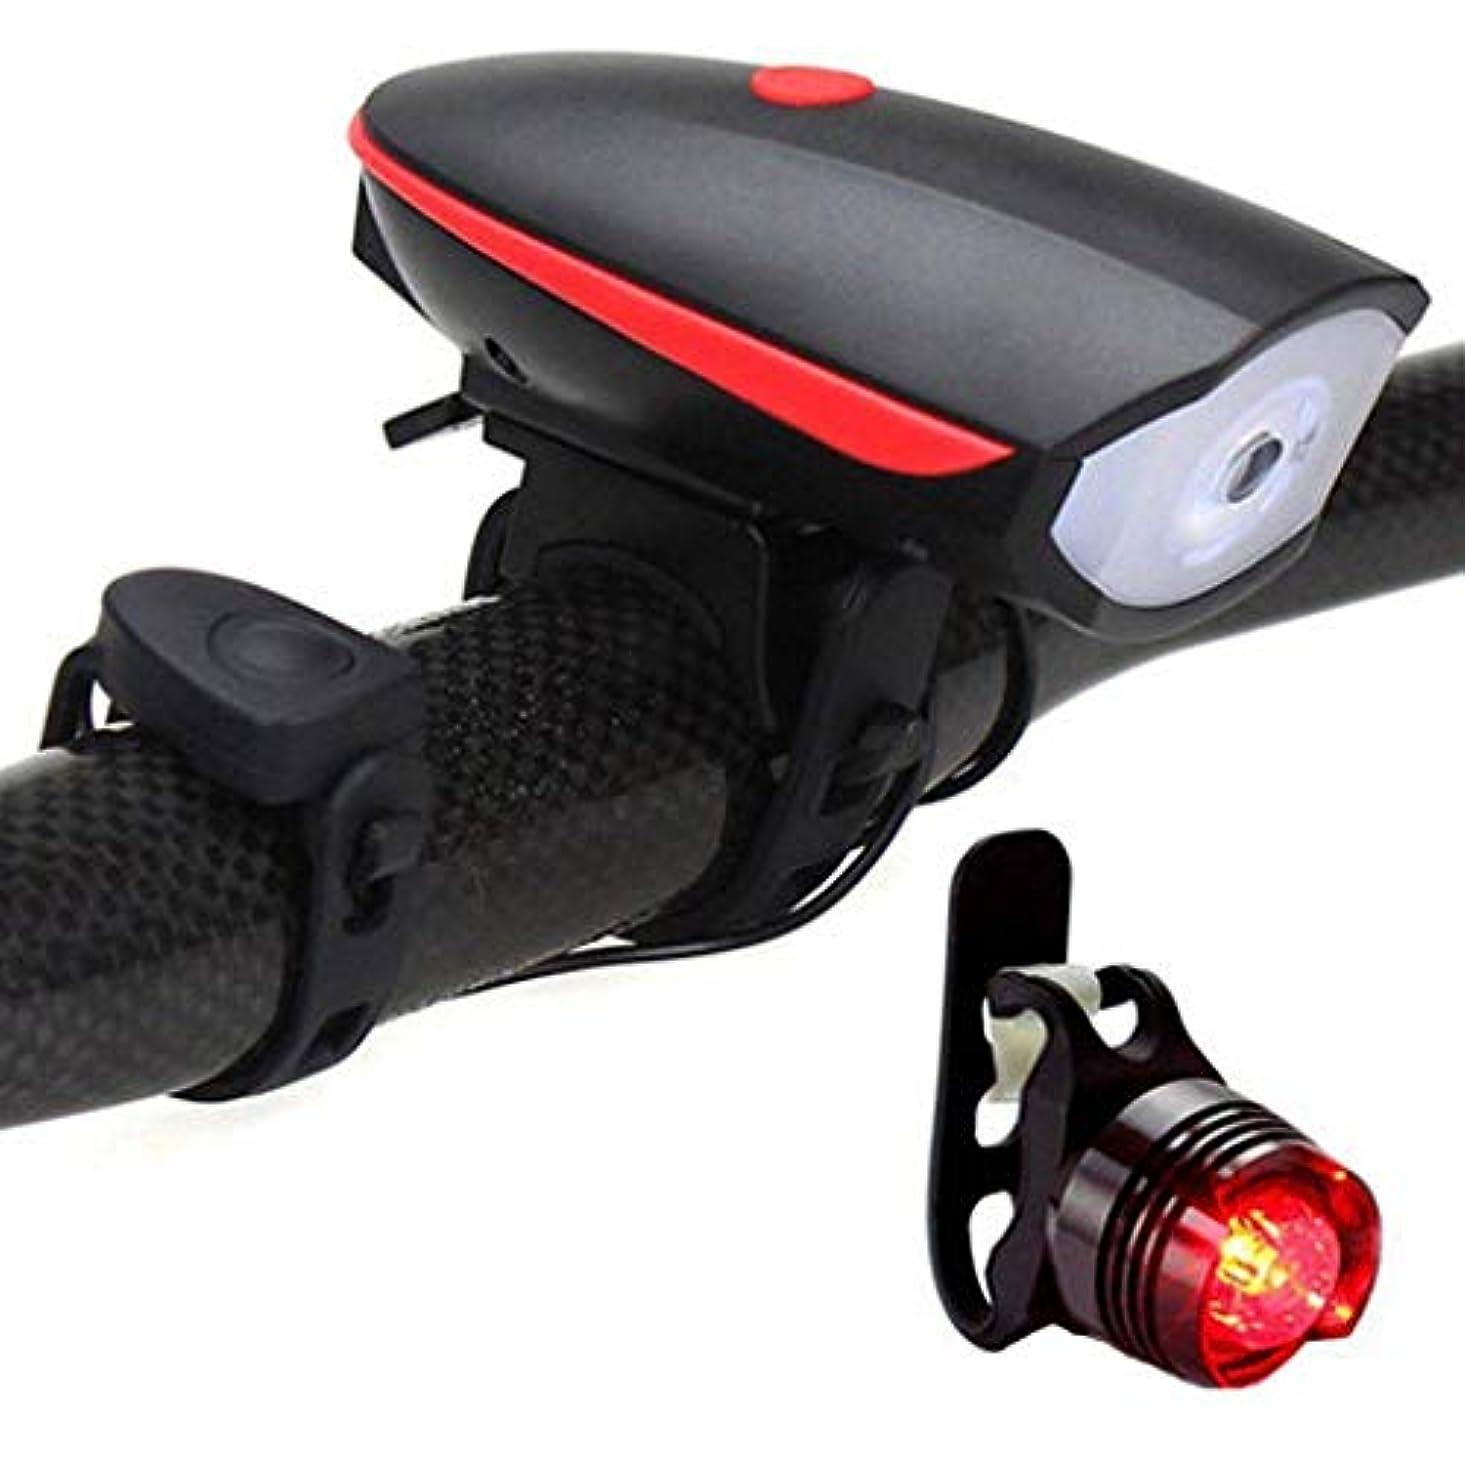 同封する熱望する名声自転車用ライトセットUSB充電式、ハイライトルーメンLED自転車用ライトスマート盗難防止用ホーン、自転車用ヘッドライト+セーフティテールライトセット